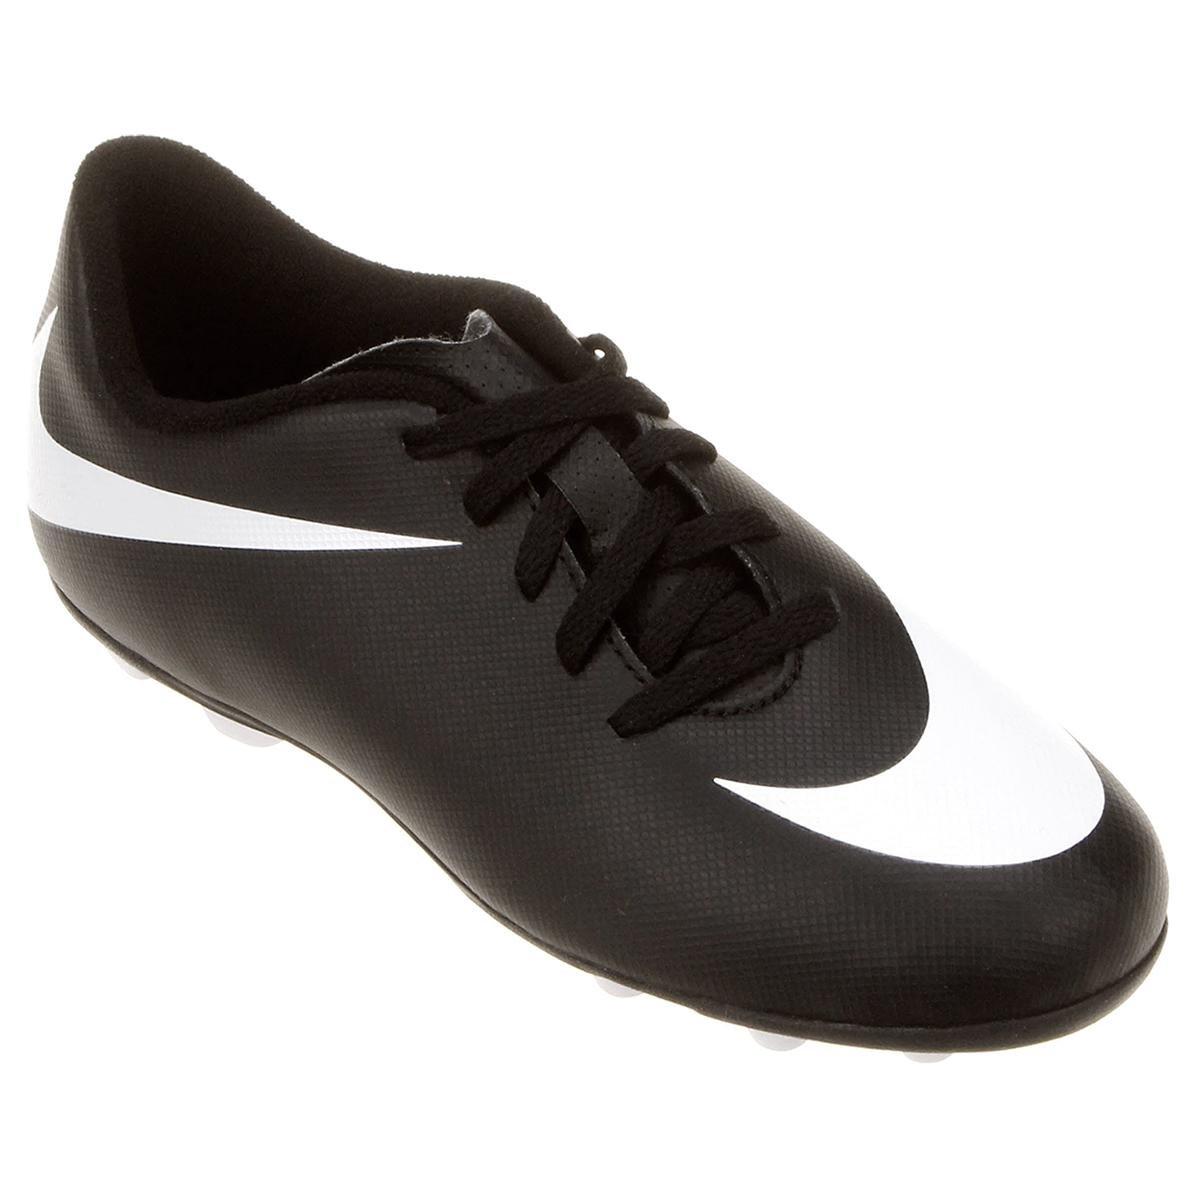 2142763f2b Chuteira Nike Bravata FG Campo Juvenil - Compre Agora